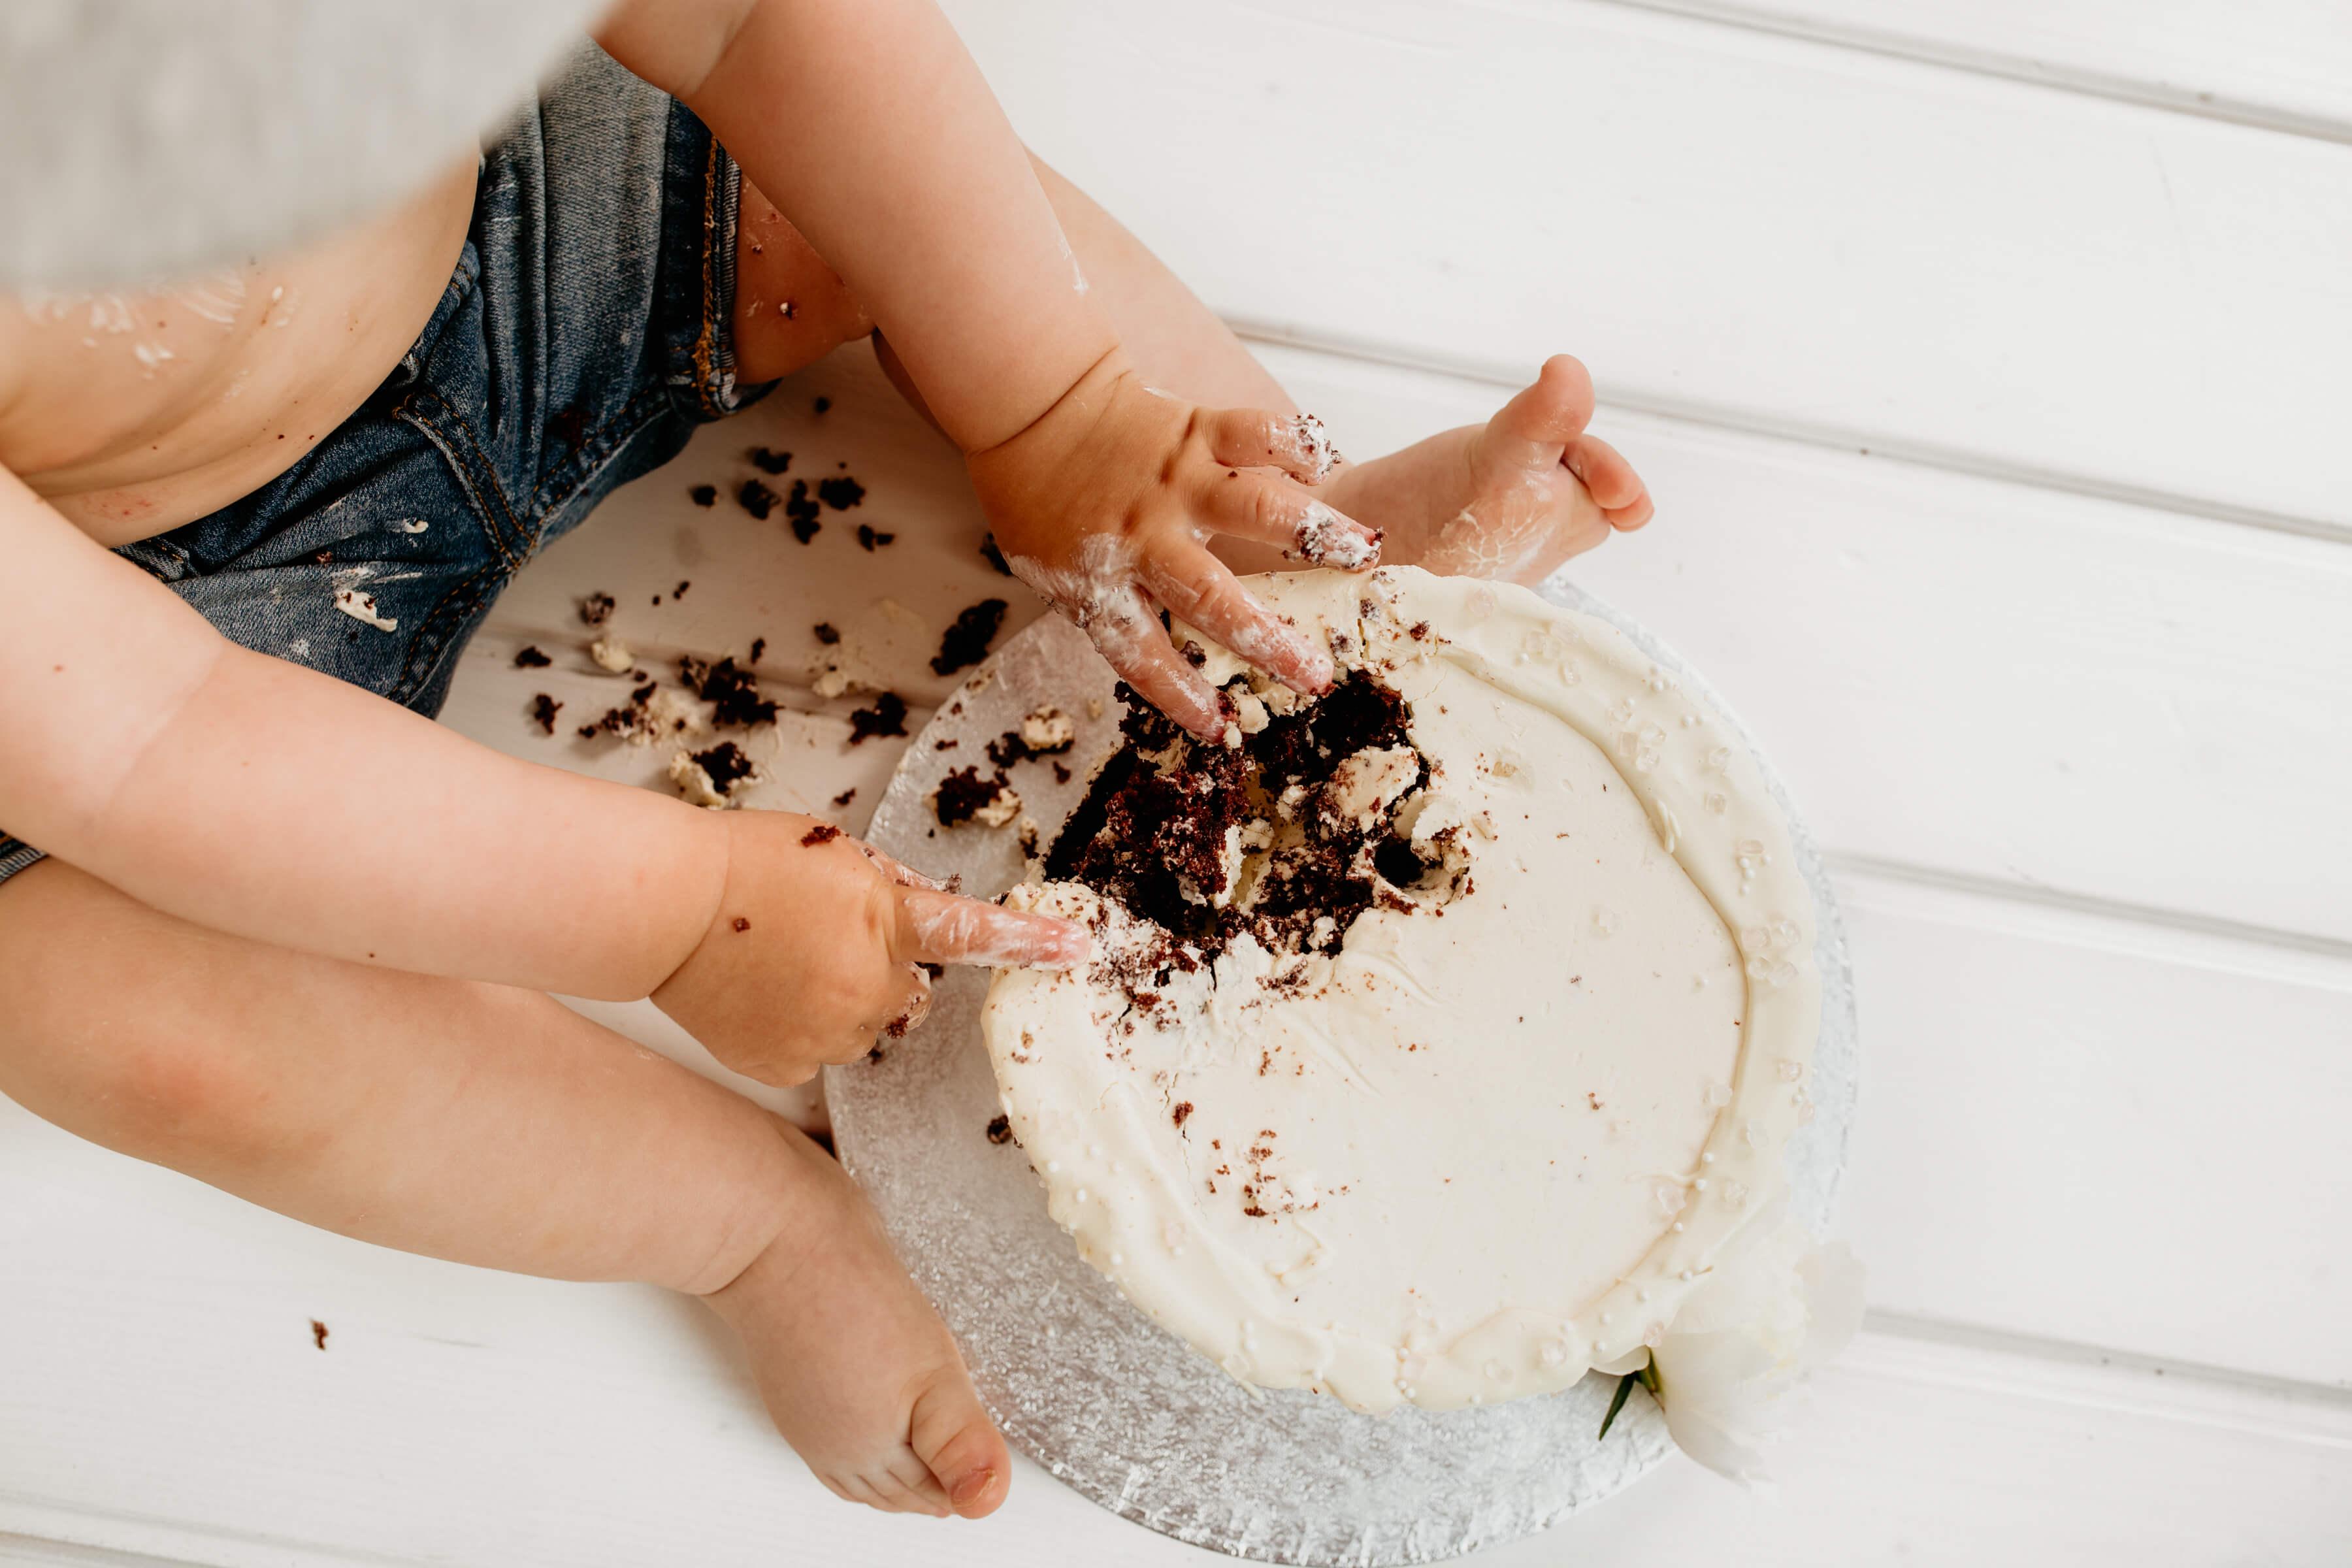 Cake-smash-fotografiranje-Luanina-pravljica-fotografiranje-nosecnic-novorojenckov-druzin-malckov-5